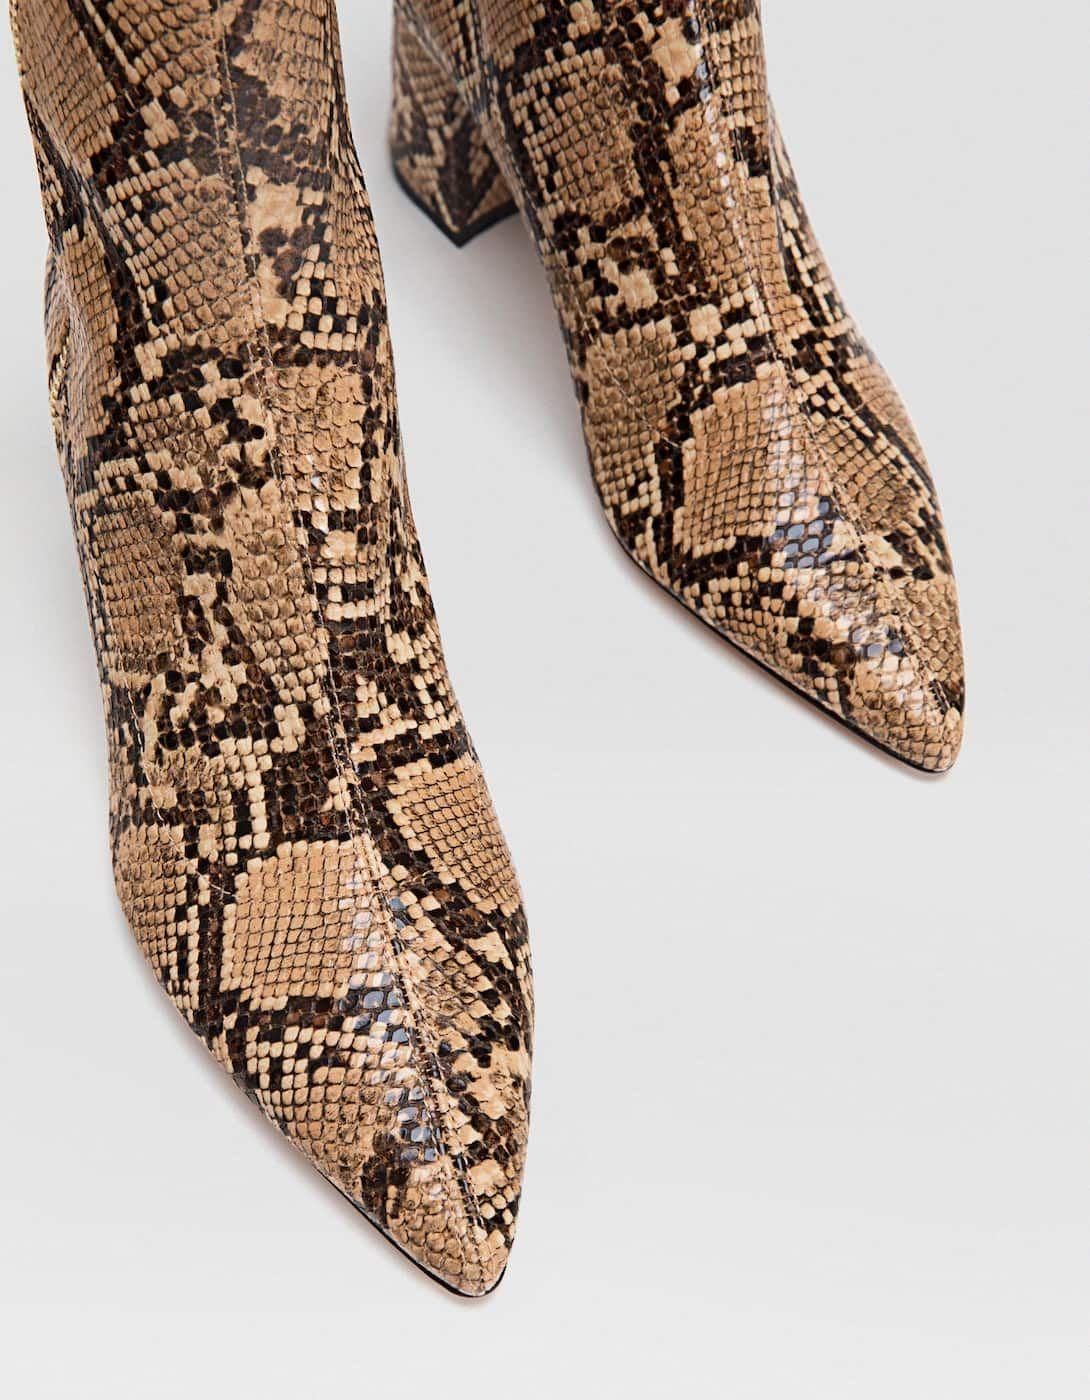 Botki Na Obcasie W Zwierzecy Wzor Botki I Kozaki Stradivarius Polska Dress Shoes Men Loafers Men Oxford Shoes